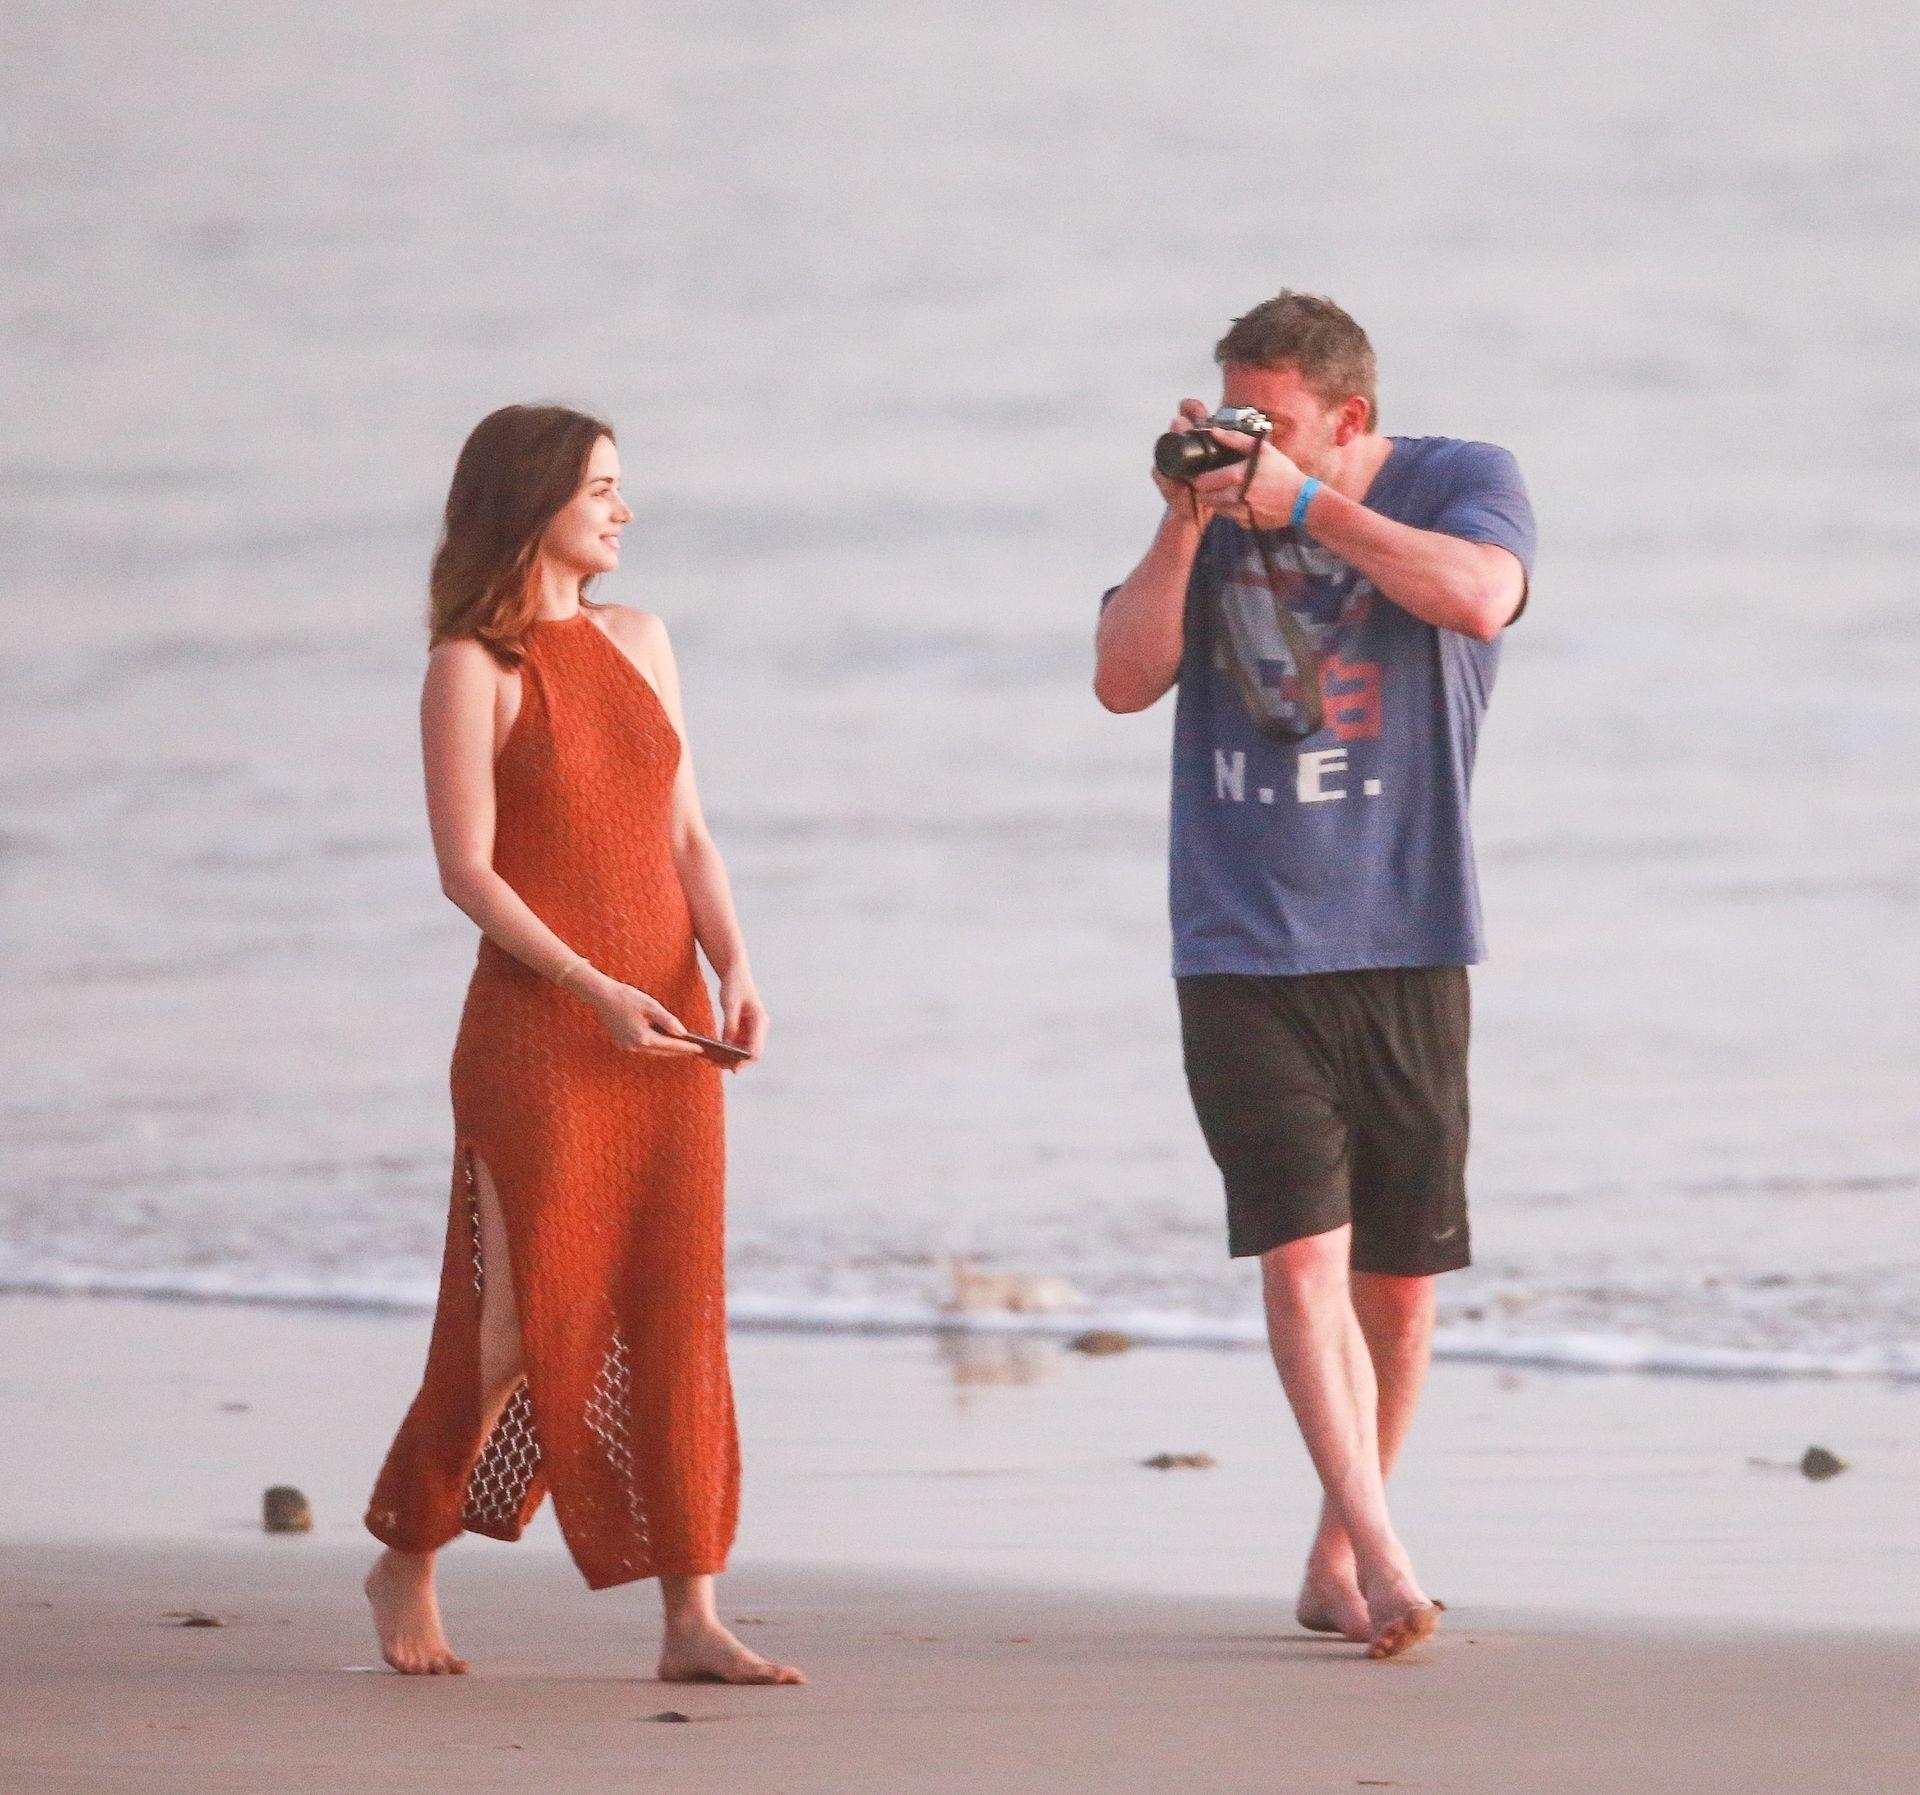 Ben Affleck & Ana De Armas Enjoy A Pda Moment During Romantic Beach Stroll In Costa Rica 0005